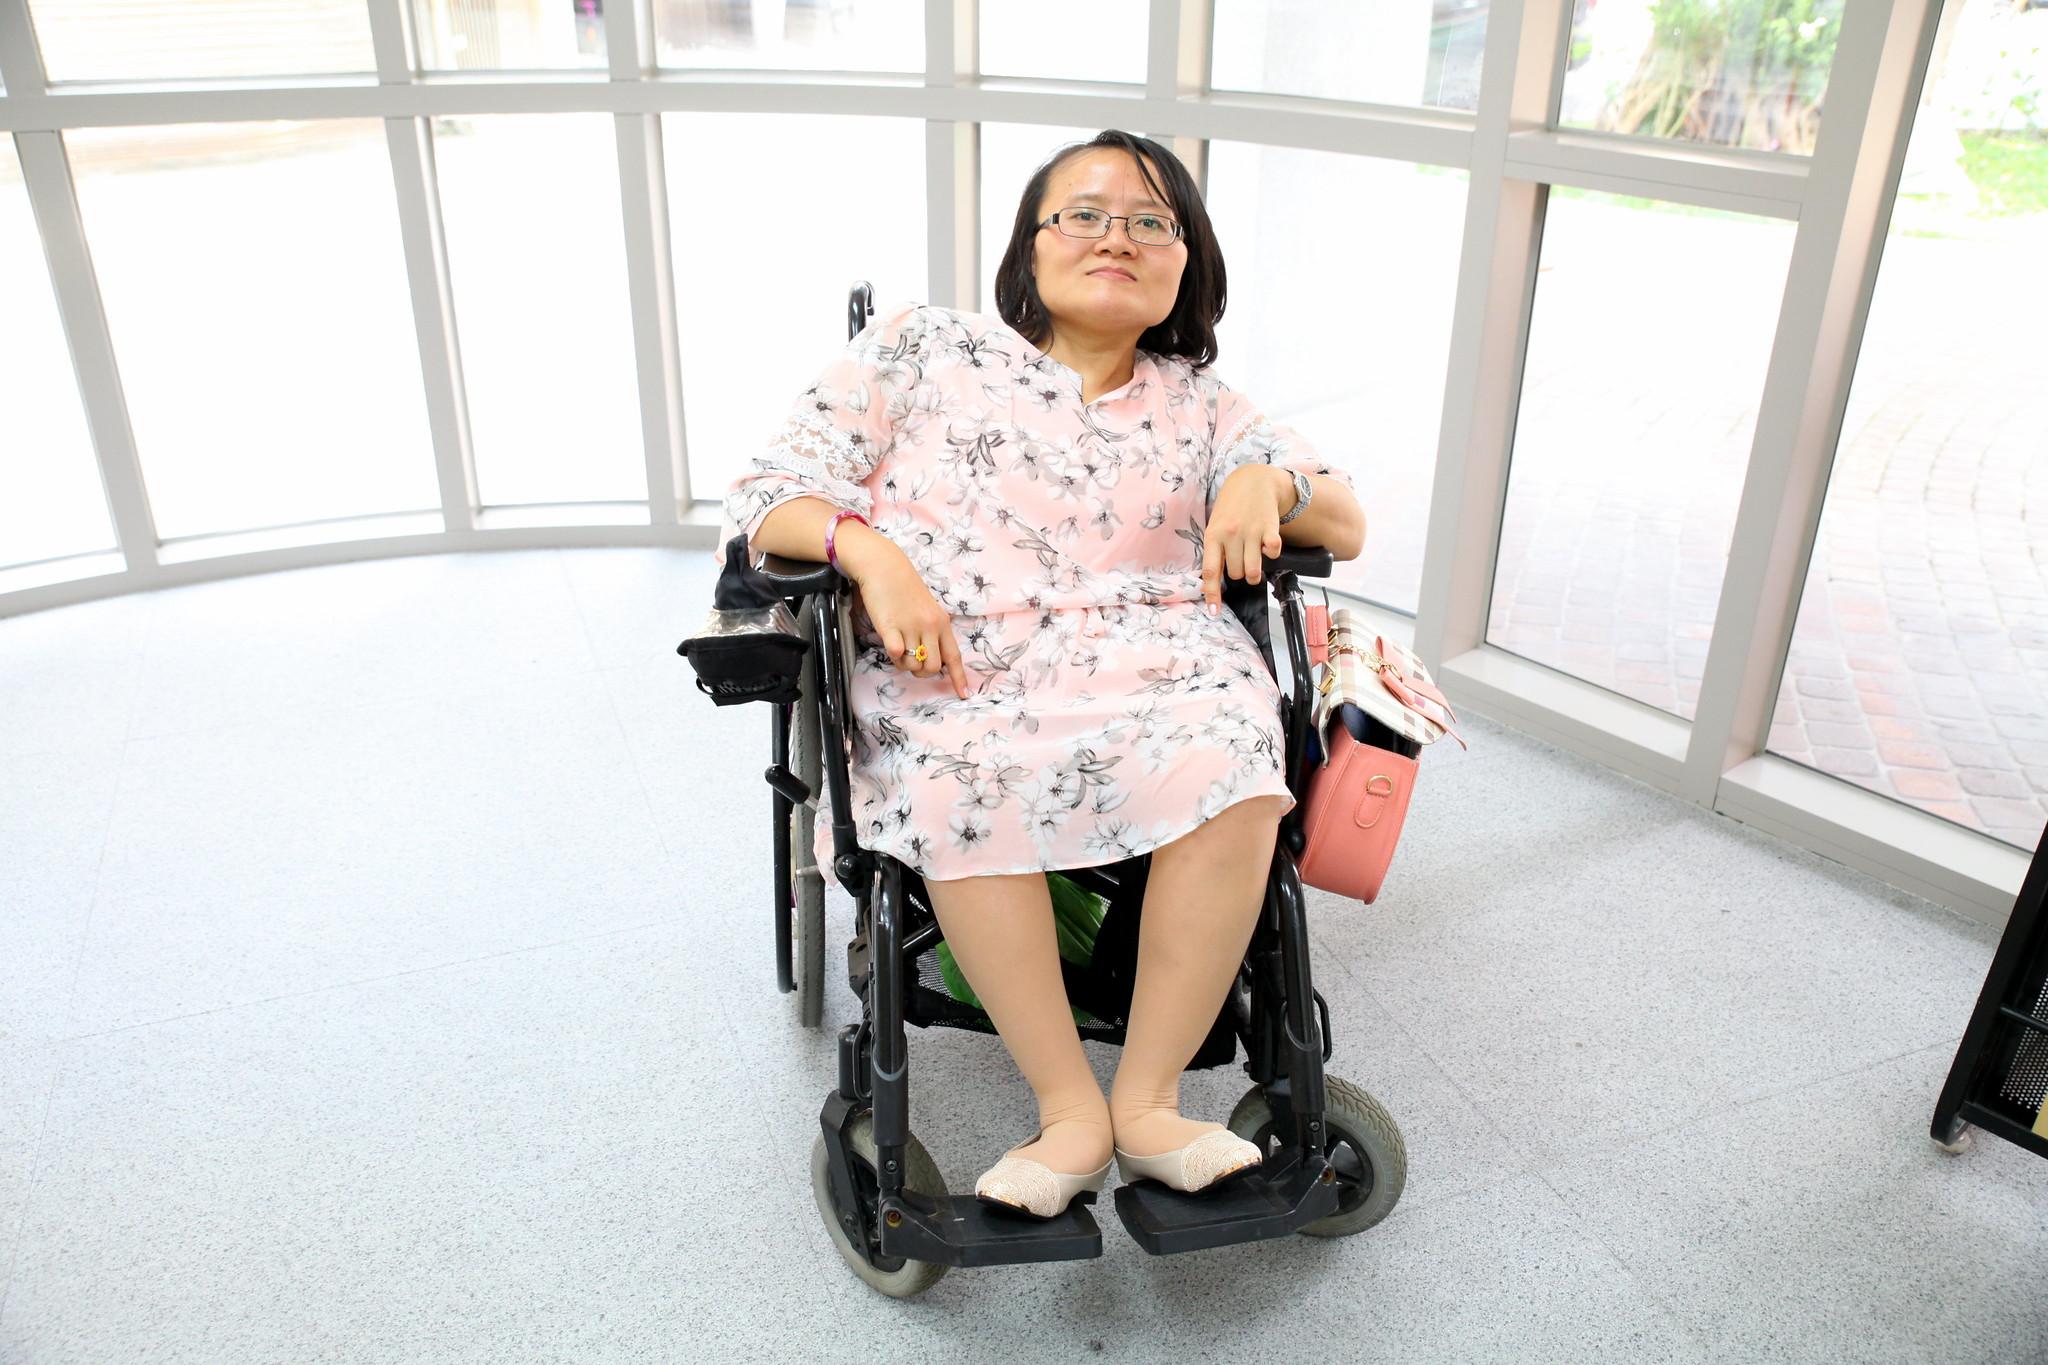 秀君強調身障者一定要有自己的工作能力,並且經濟獨立,才有可能活出自己想要的樣子。(攝影:陳逸婷)